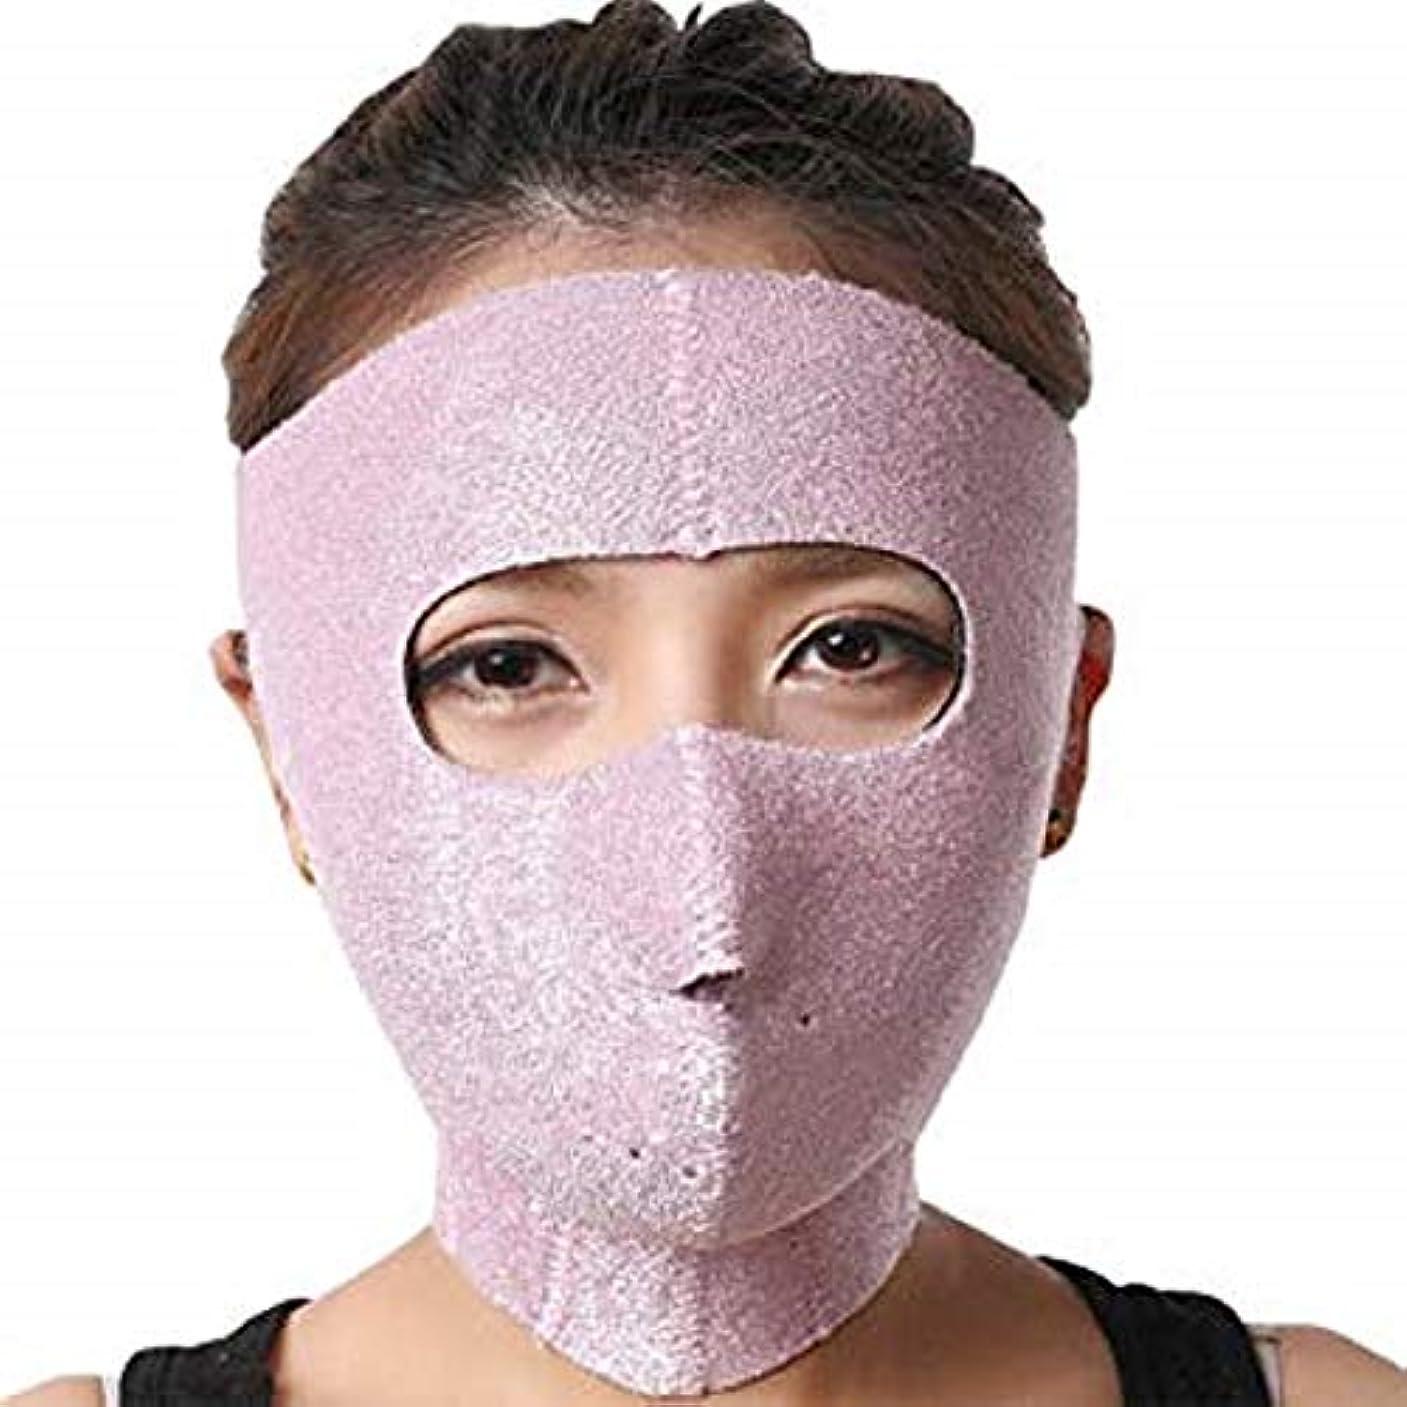 ガチョウ酔っ払い優れましたリタプロショップ? 小顔矯正 3Dマスク 発汗 サウナ フェイスライン 引き締め